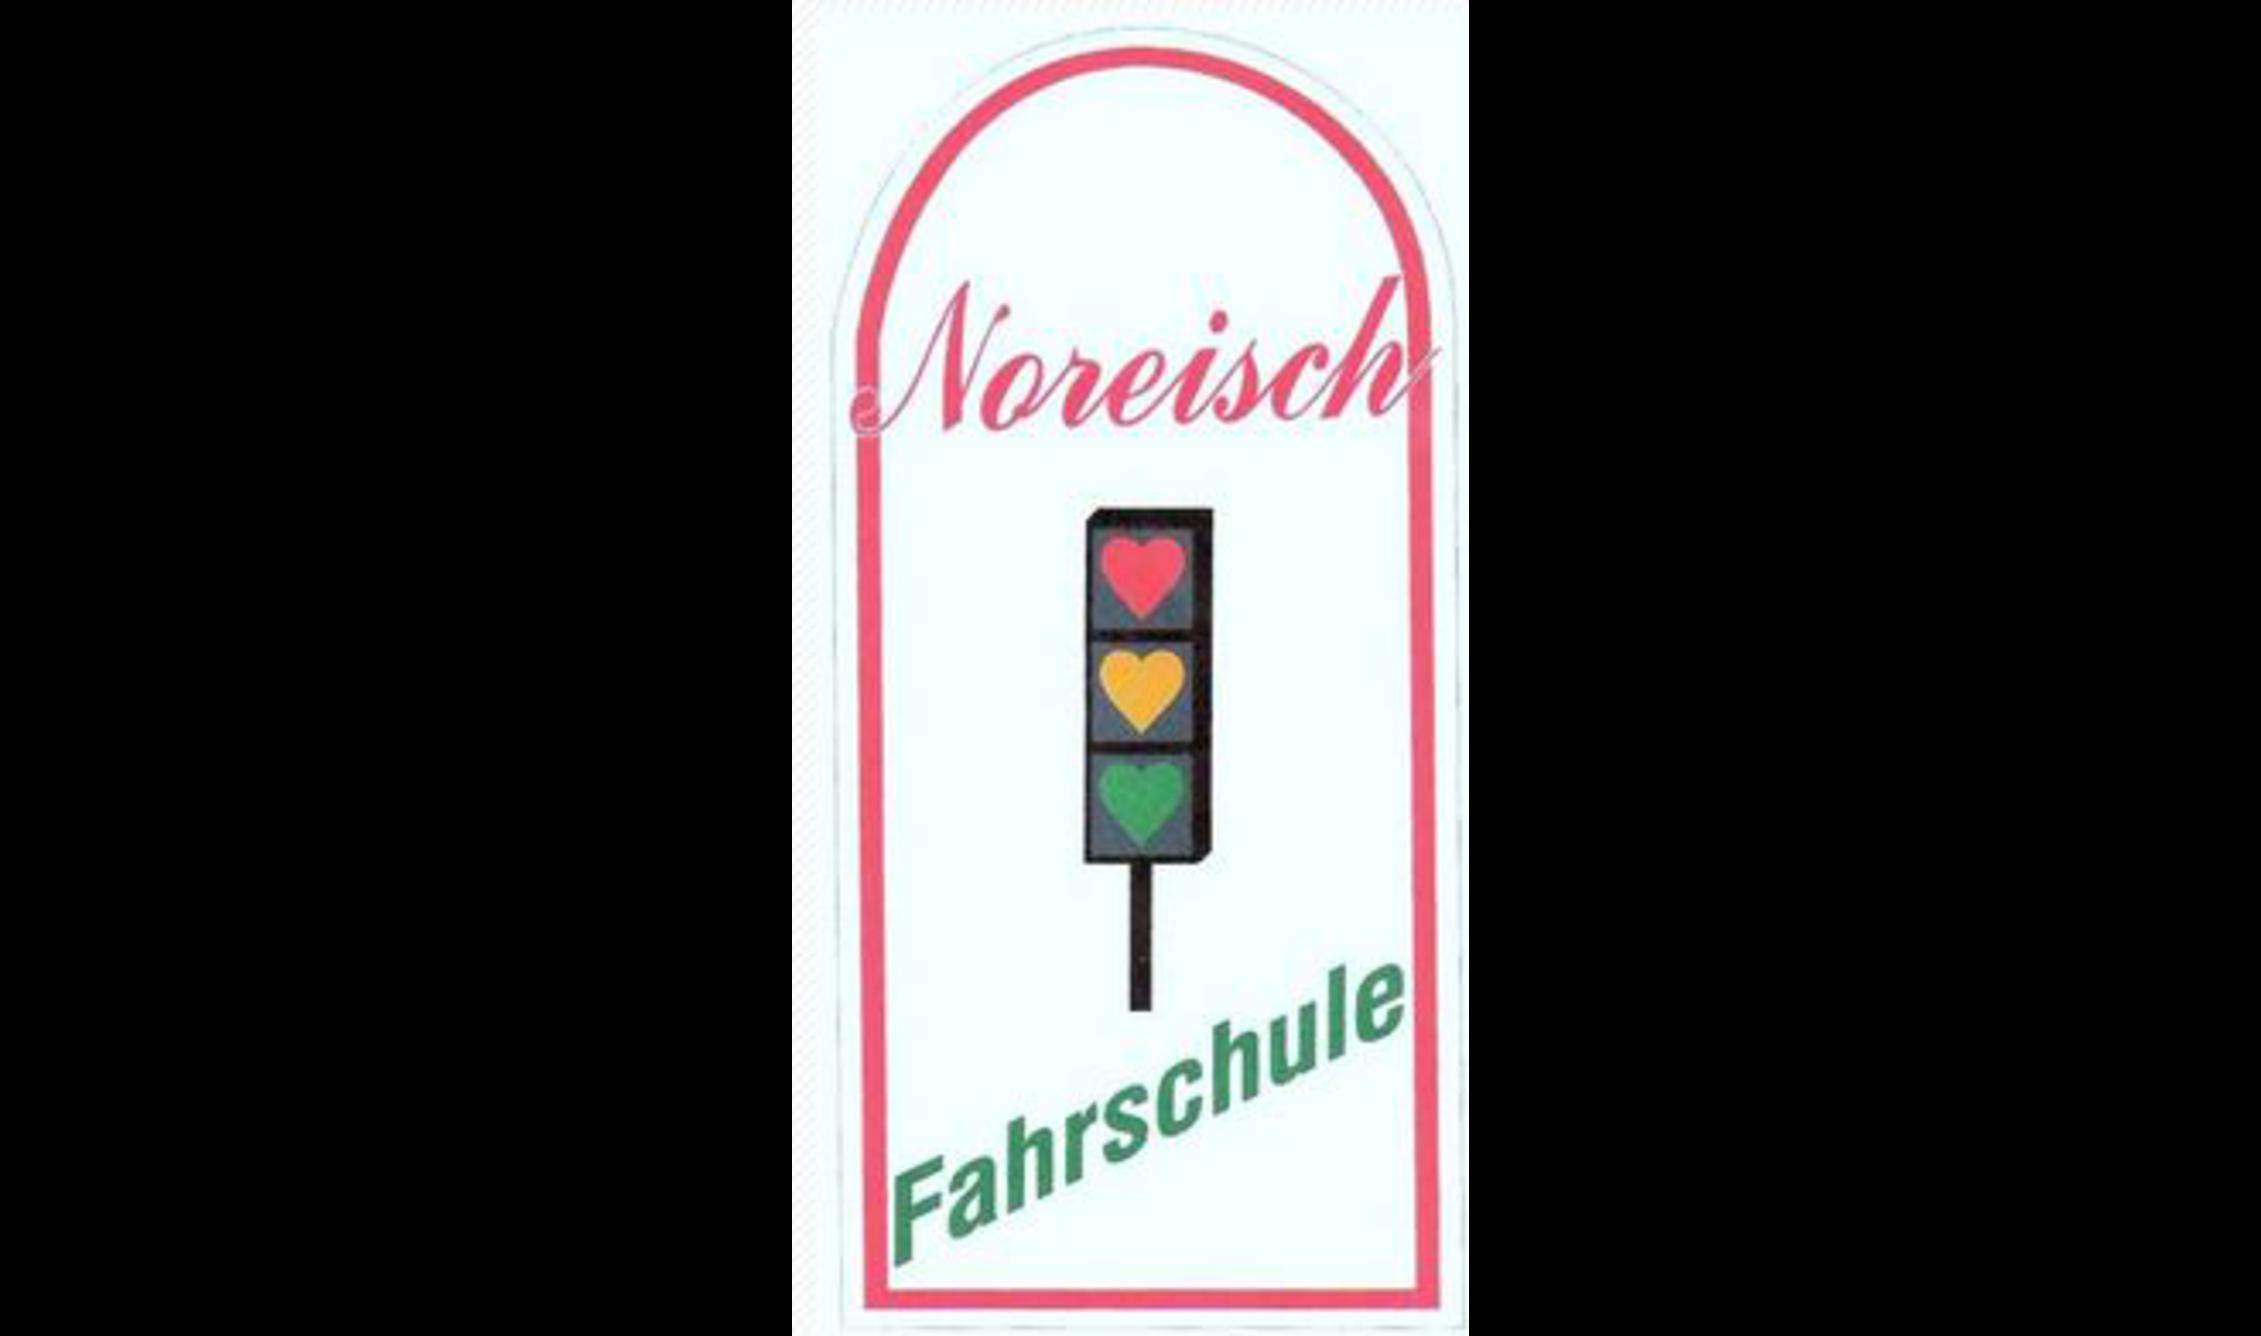 Fahrschule Noreisch